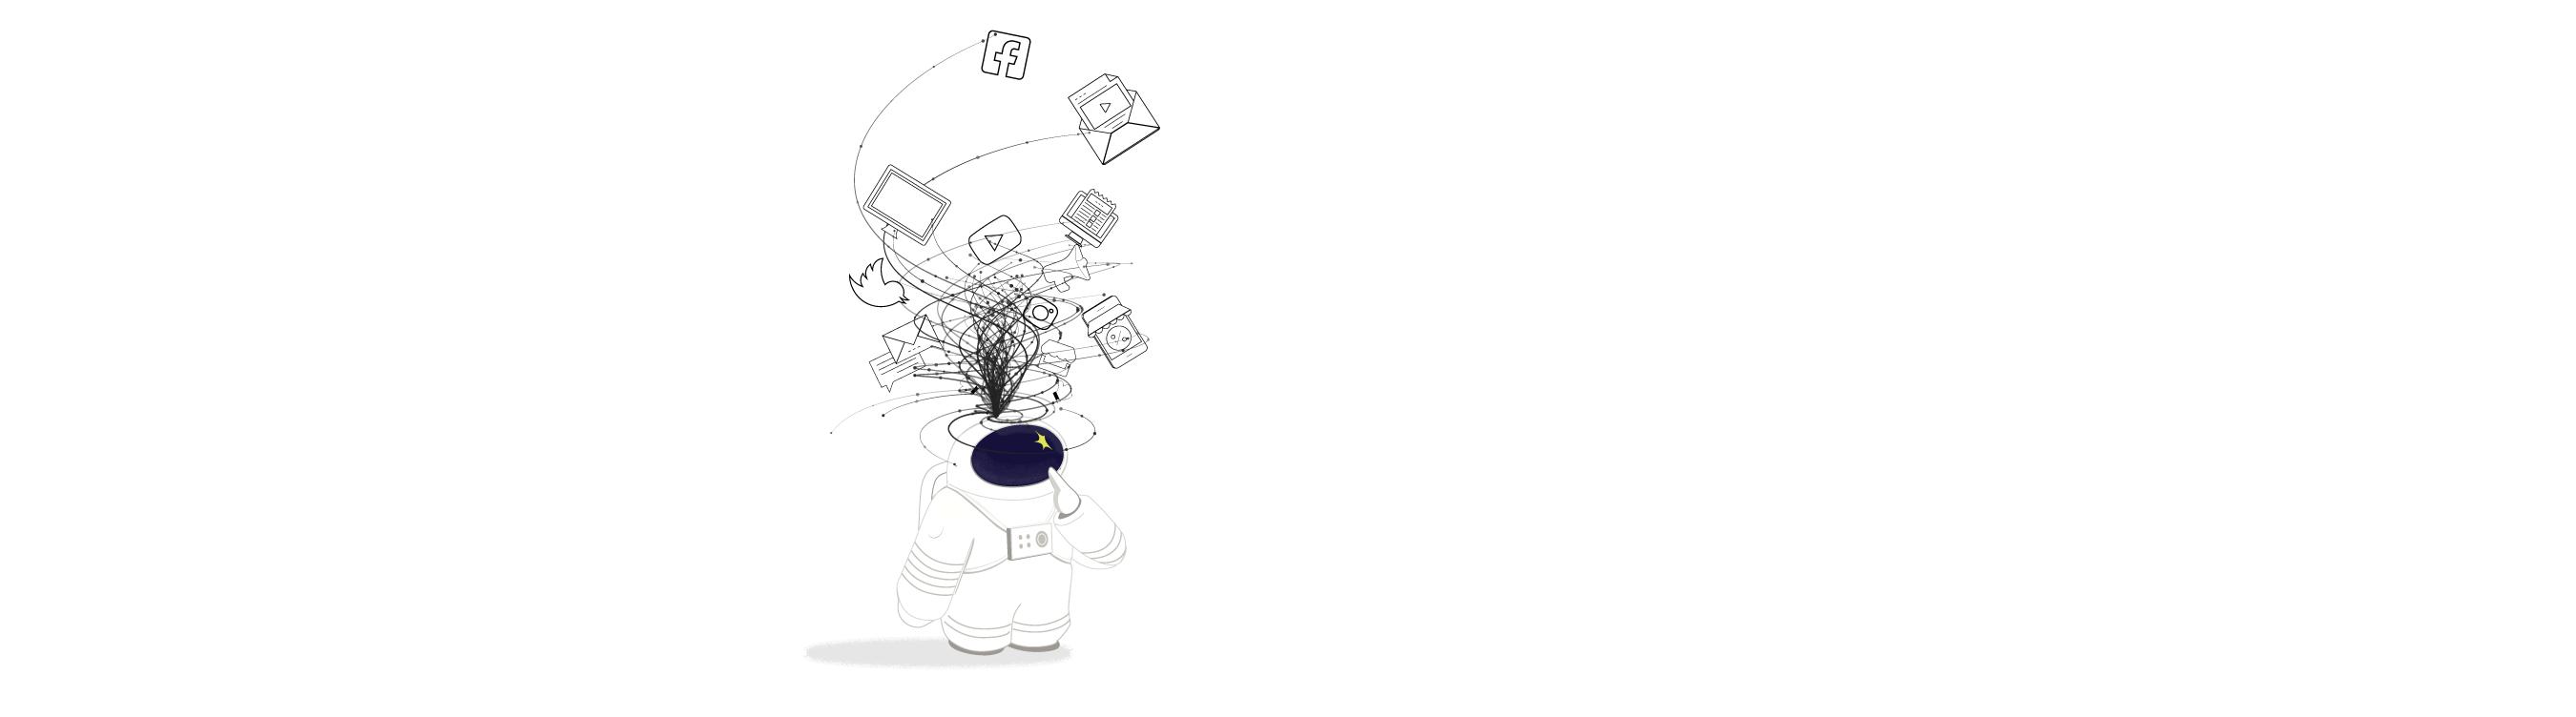 Customer acquisition header illustration Adam v2021